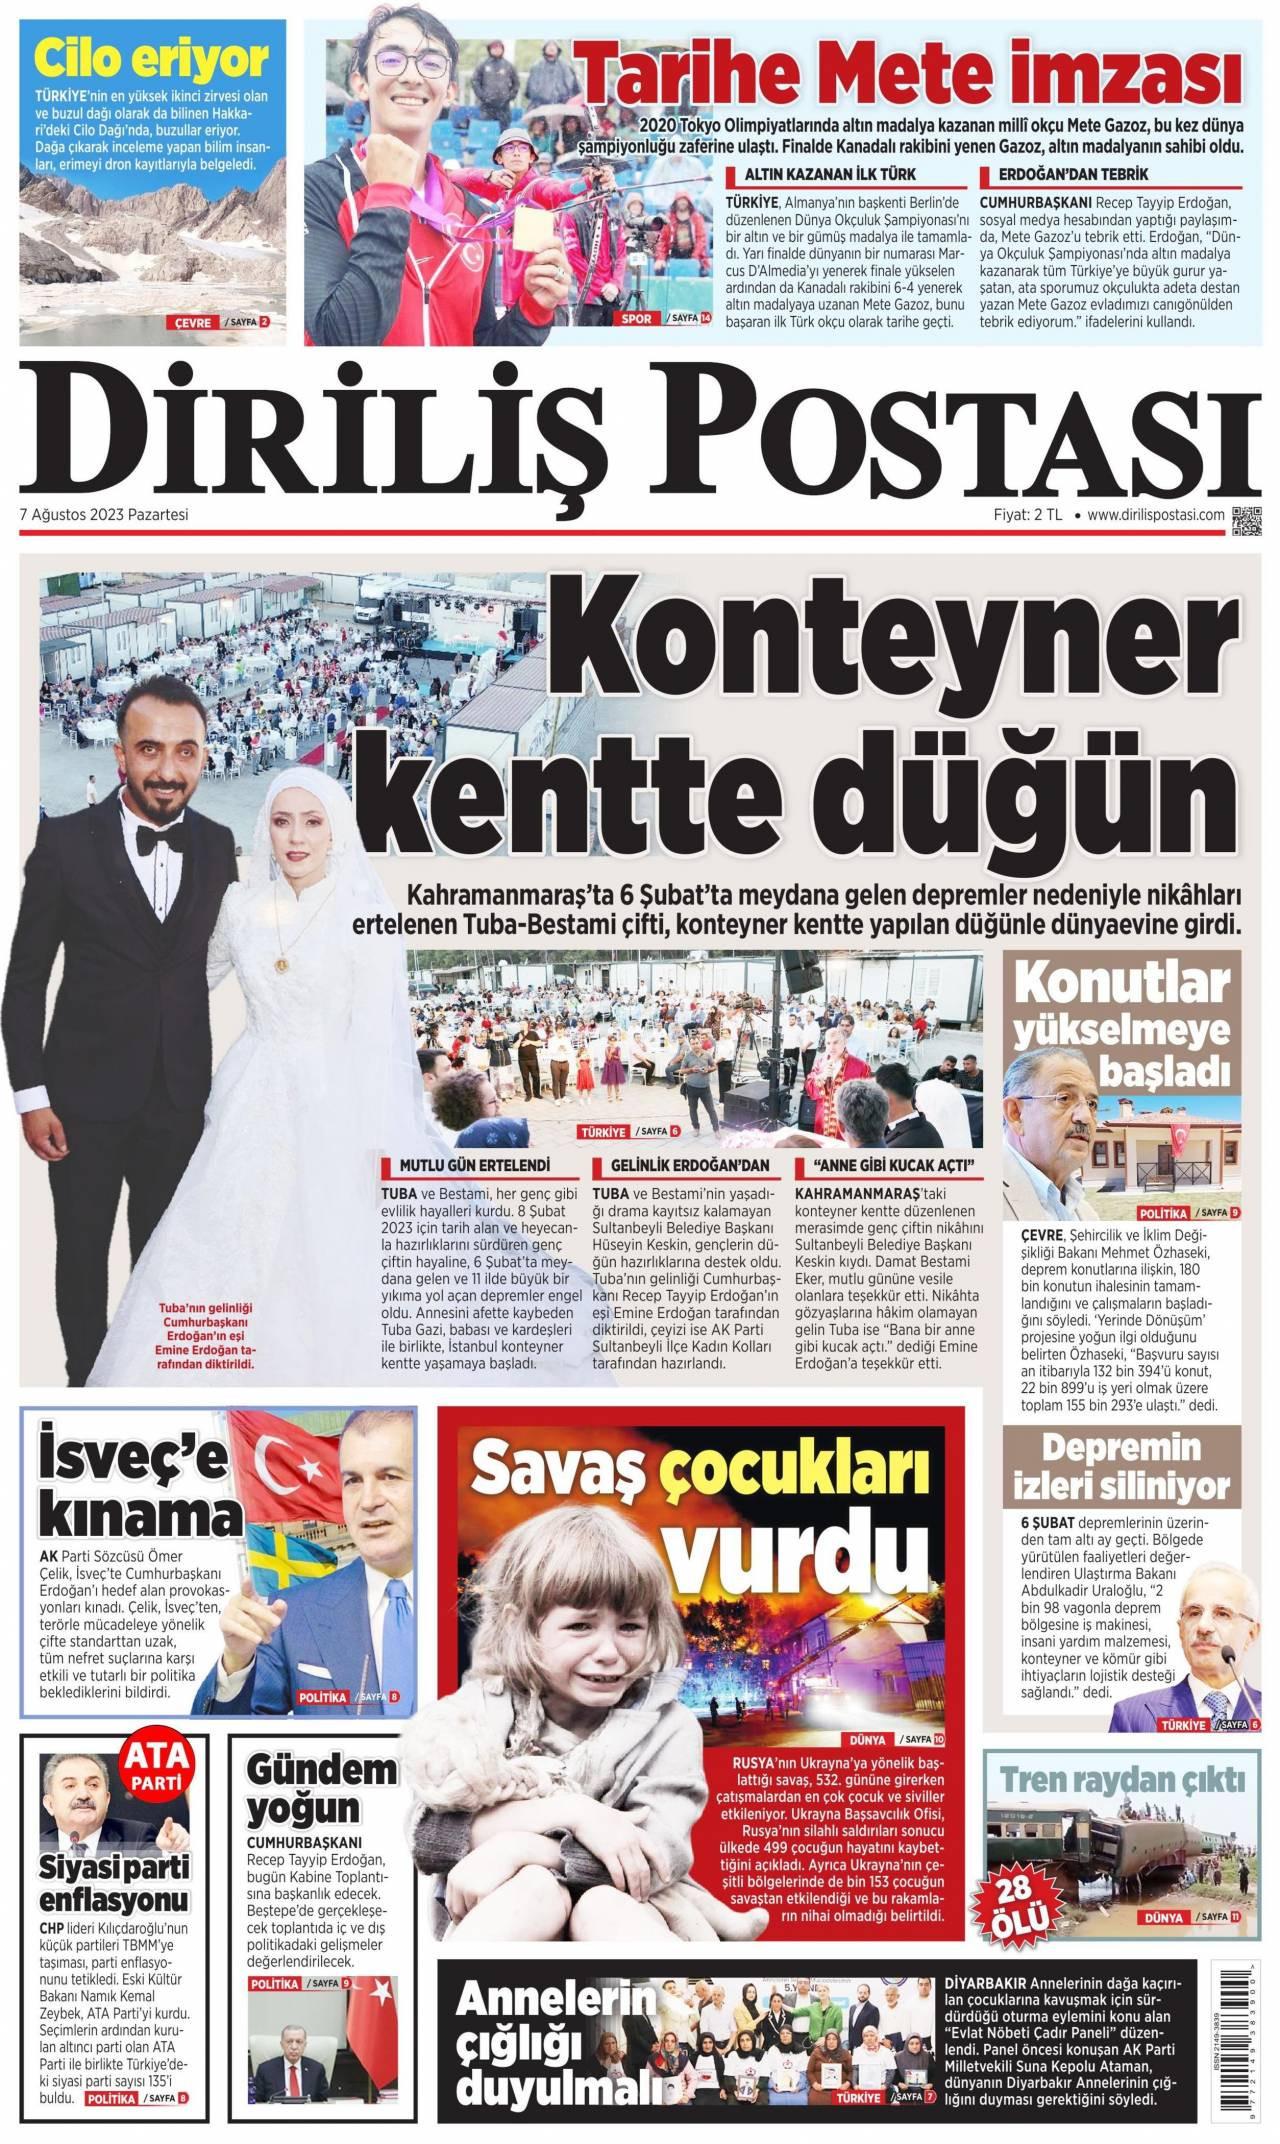 Diriliş Postası Газета